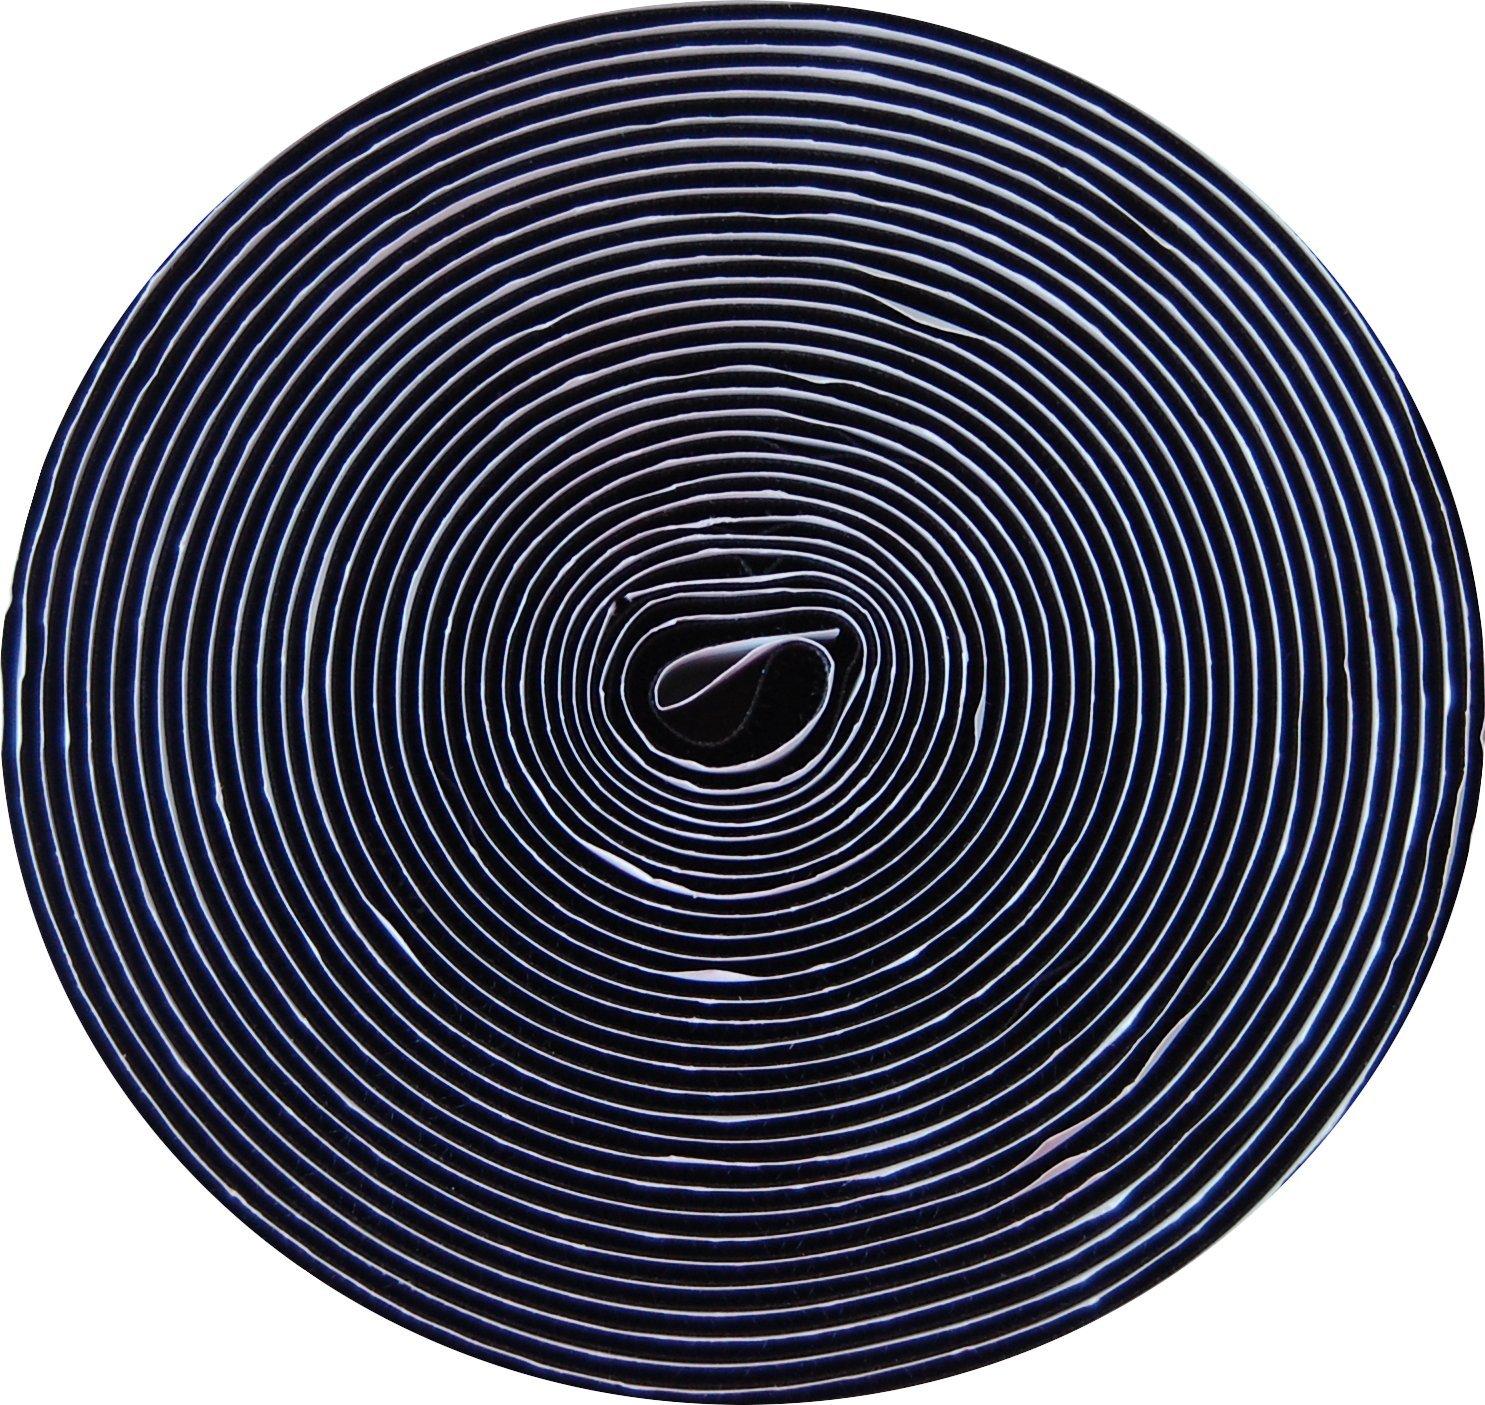 puertas Negra Incluye 4 tiras adhesivas macho 3 metros x 2 cm caravan Tela de mosquitera para ventanas Tela de mosquitera extra grande de 3 Metros x 2,50 Metros de poli/éster terrazas